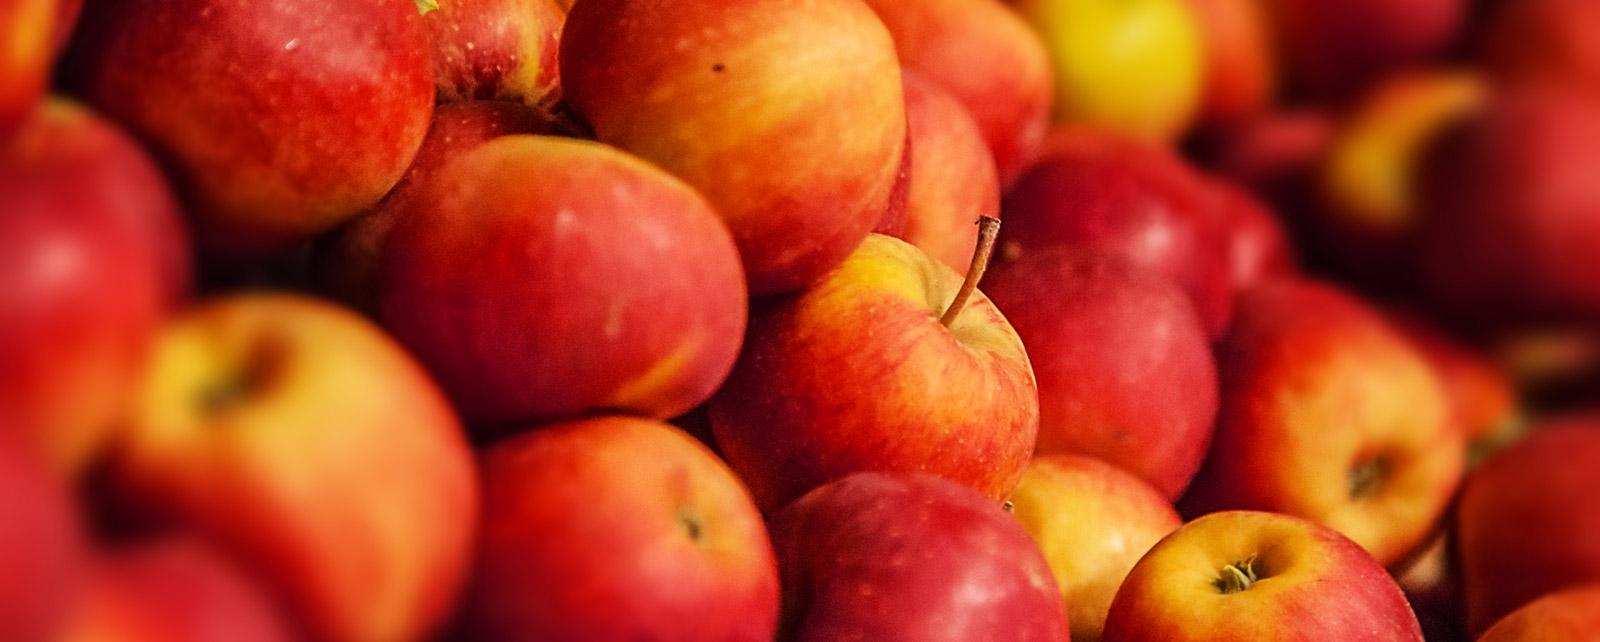 Tłocznia Owoców Pawłowski